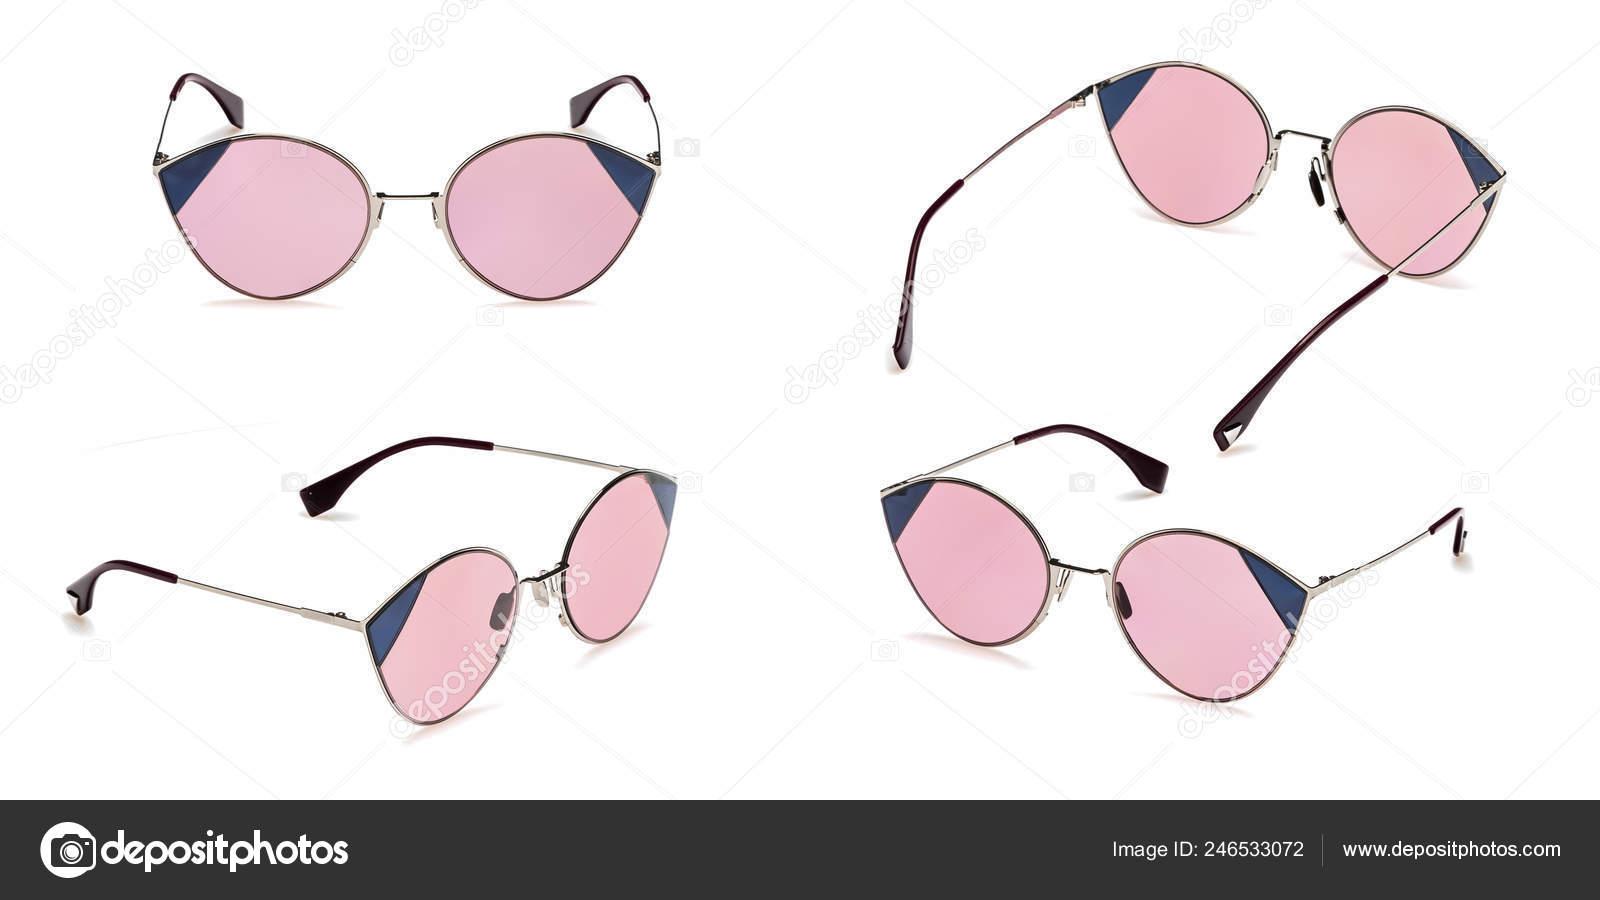 dc319ec373 Για να ορίσετε ρετρό ροζ γυαλιά ηλίου σε στρογγυλό πλαίσιο που  απομονώνονται σε λευκό φόντο. Συλλογή μόδας καλοκαιριού Vintage γυαλιά  ηλίου– εικόνα αρχείου